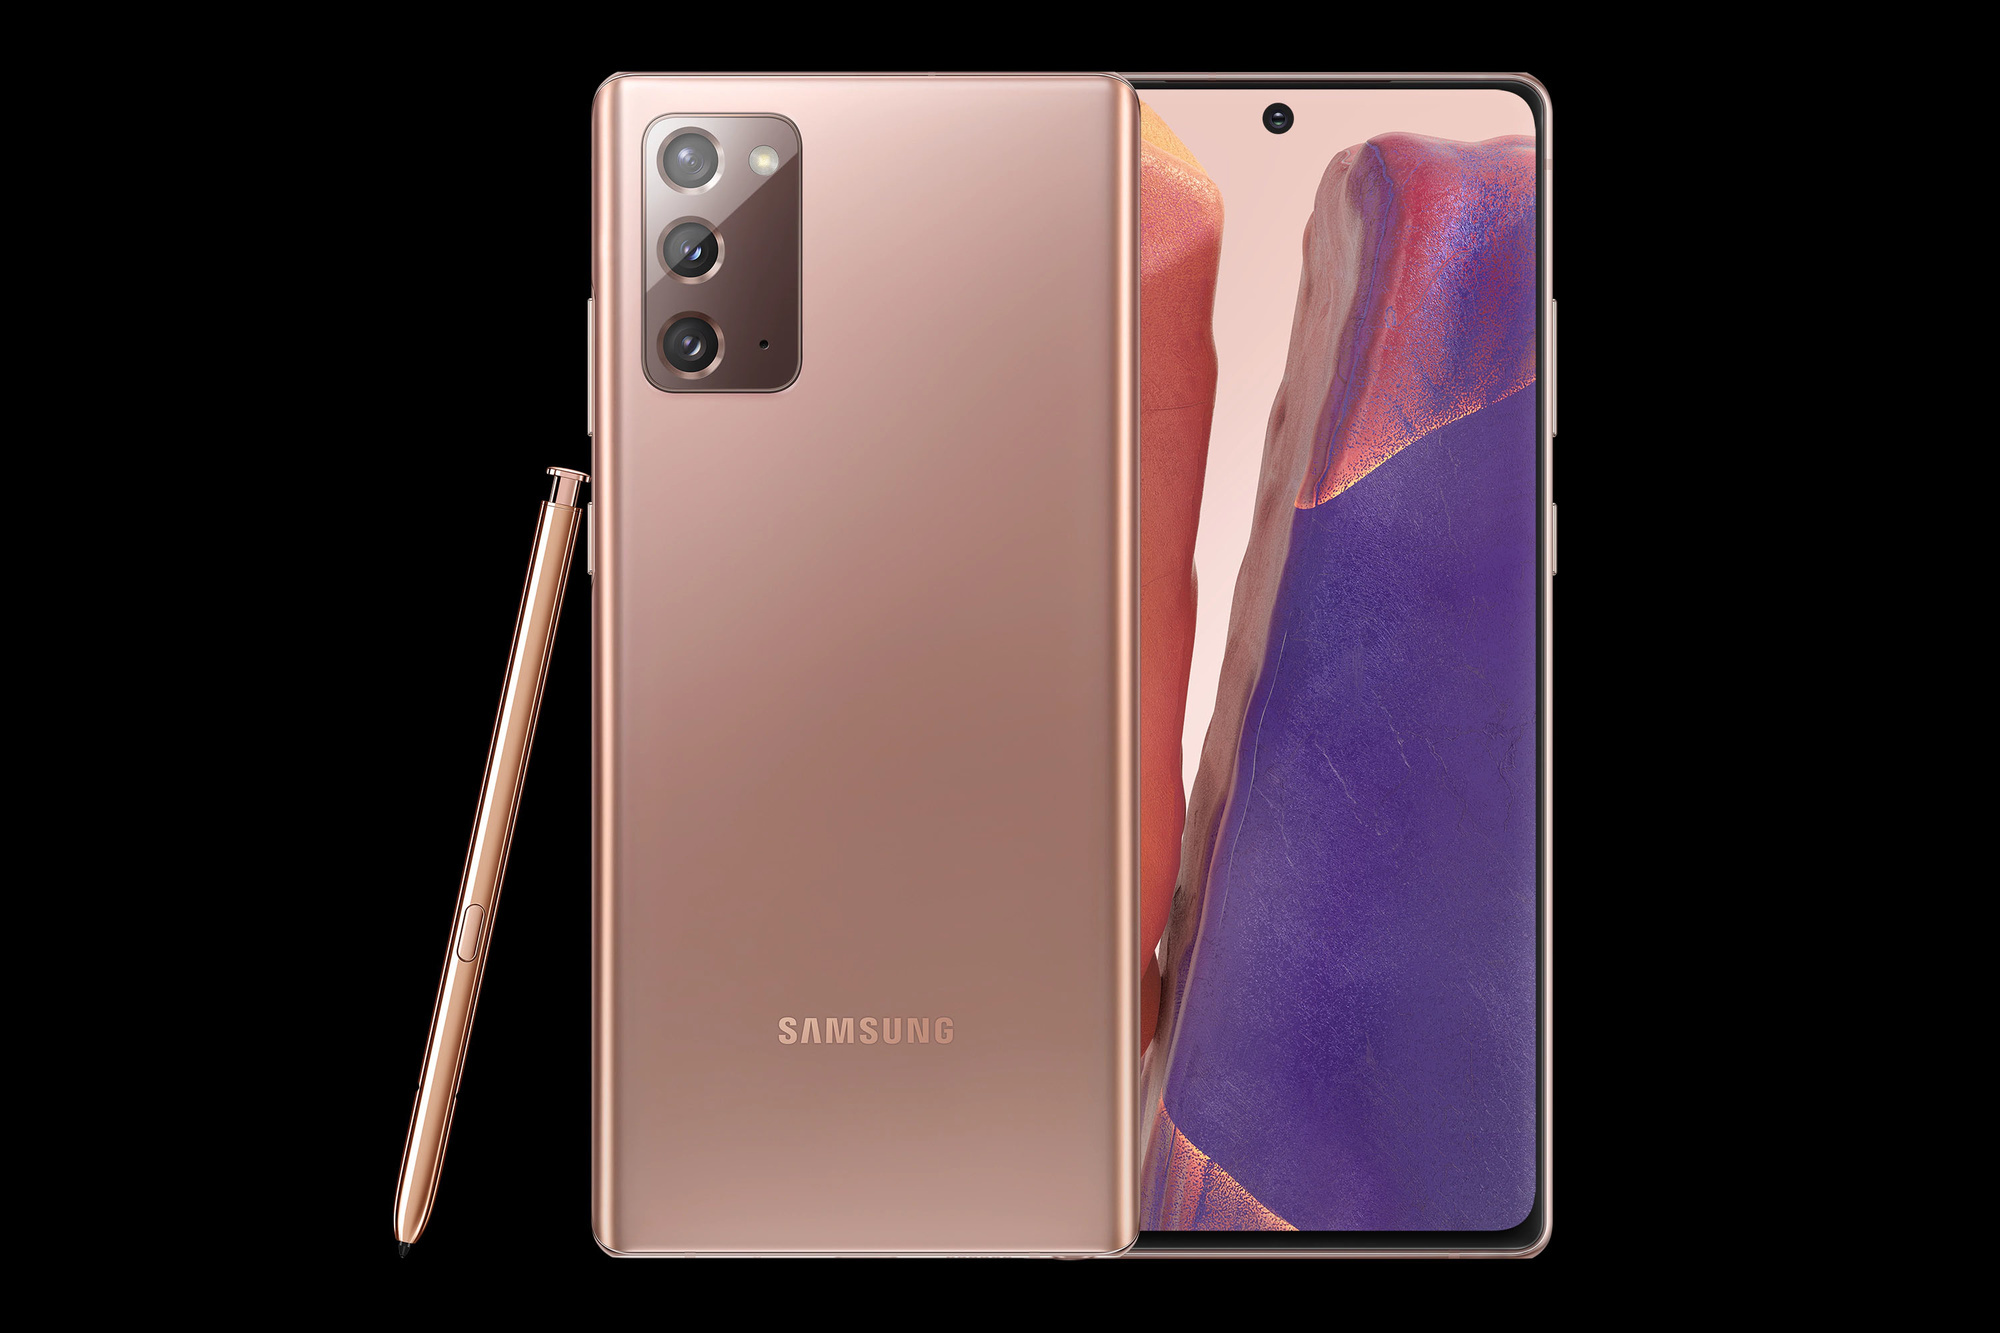 Samsung Galaxy Note 20, Samsung